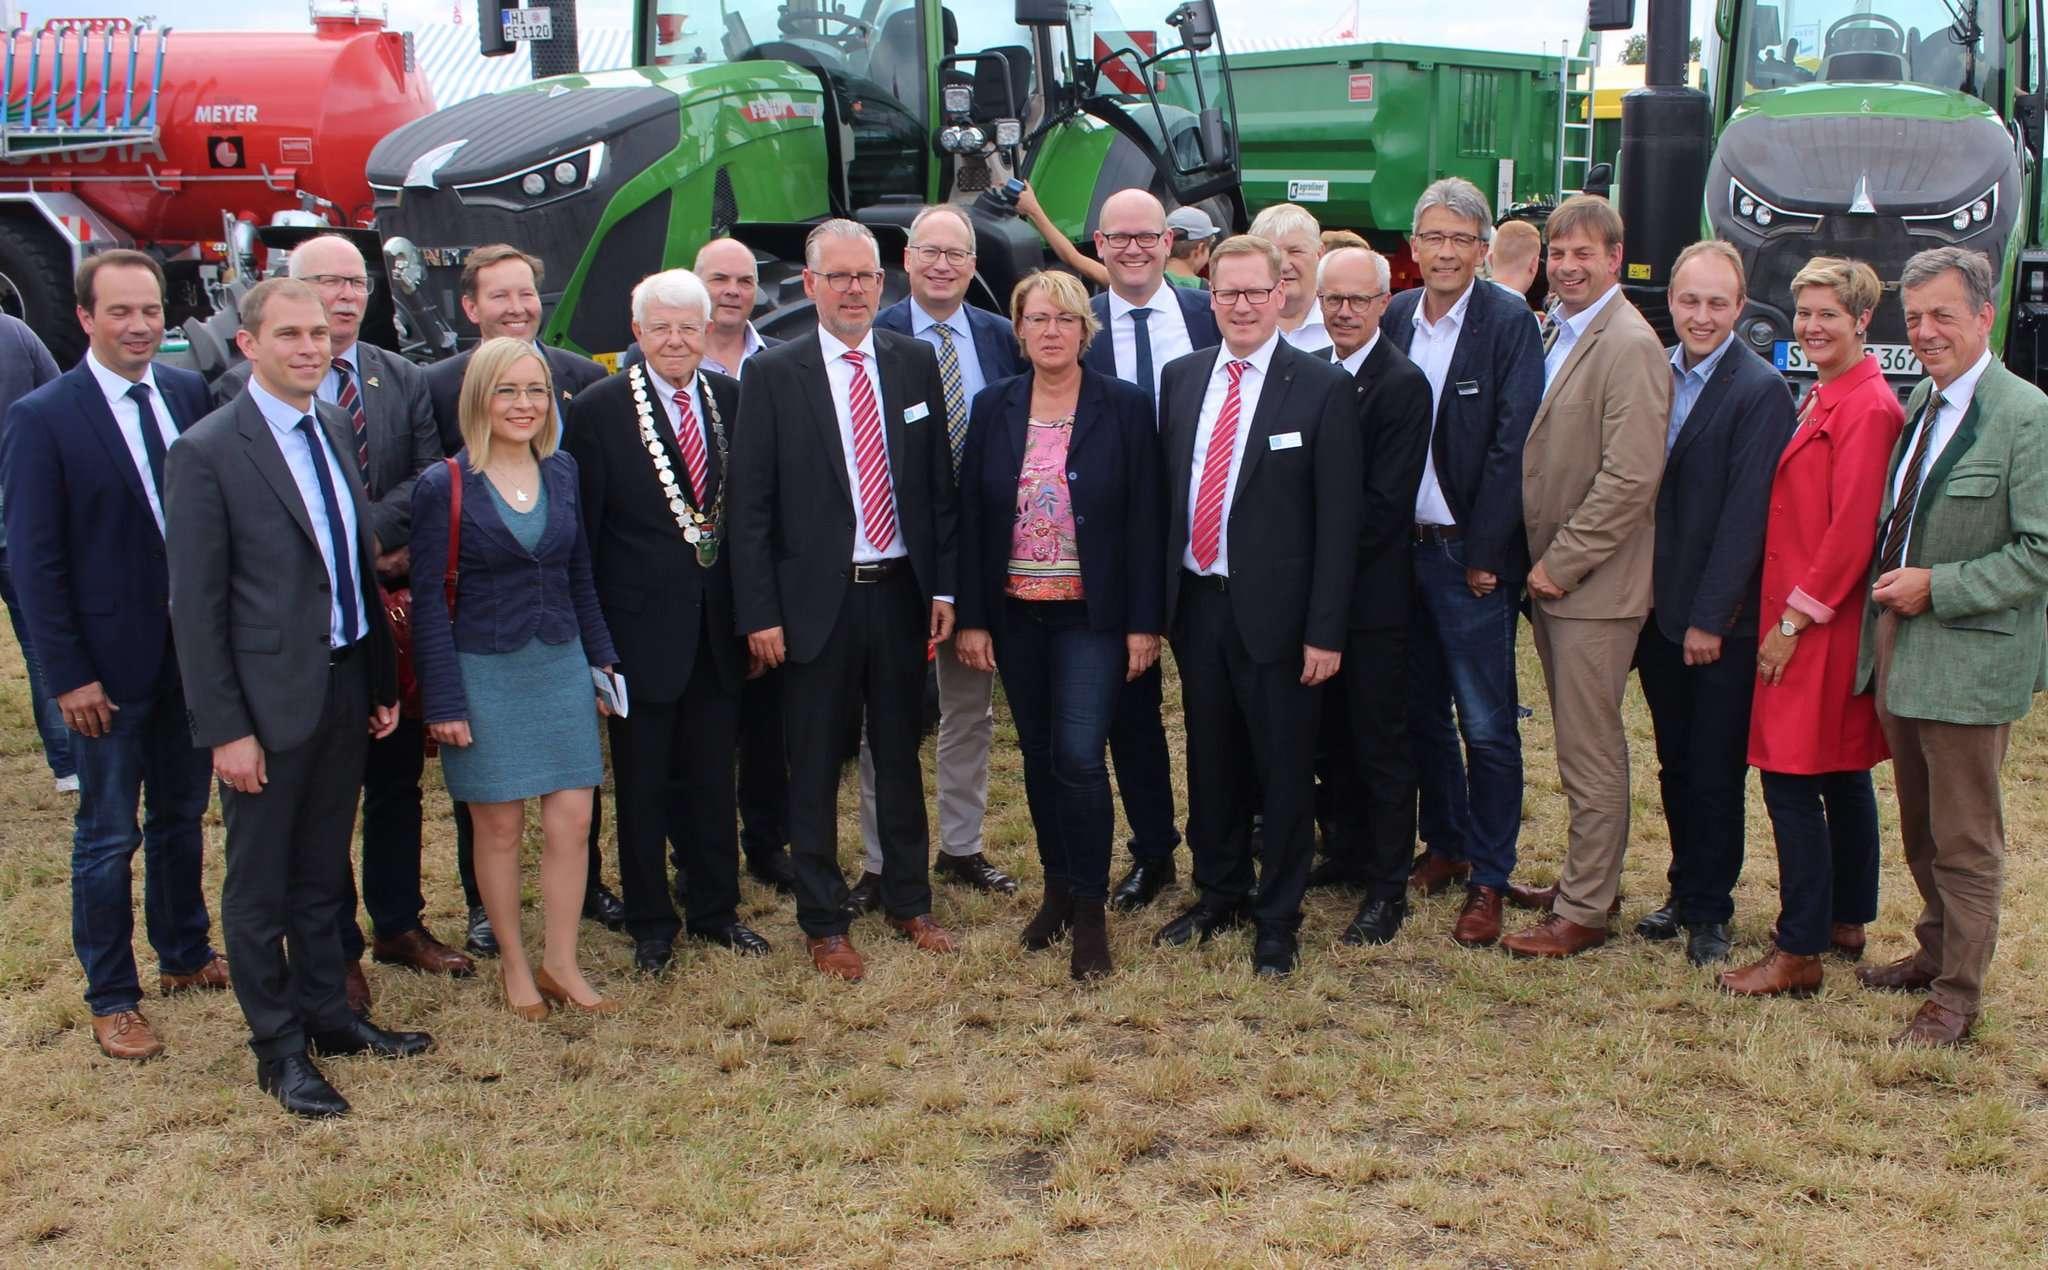 Nach der offiziellen Eröffnung ging die Prominenz, angeführt von der Landwirtschaftsministerin Barbara Otte-Kinast (CDU), zielsicher auf den Rundgang zu den Landmaschinen. Fotos: Henning Leeske